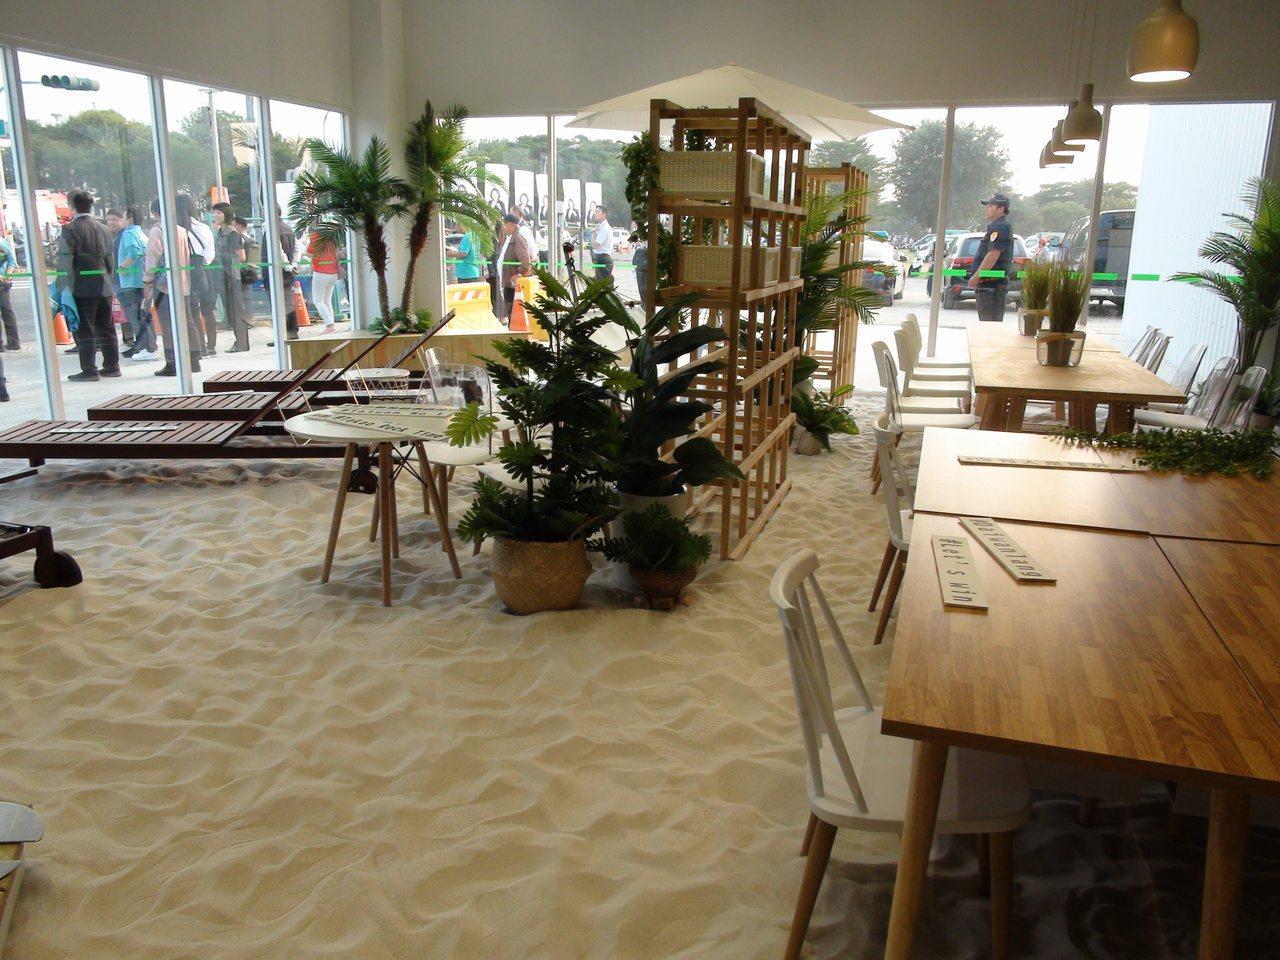 蔡英文高雄競總部今天下午成立,競總部內還設一處沙灘辦公室。記者謝梅芬/攝影